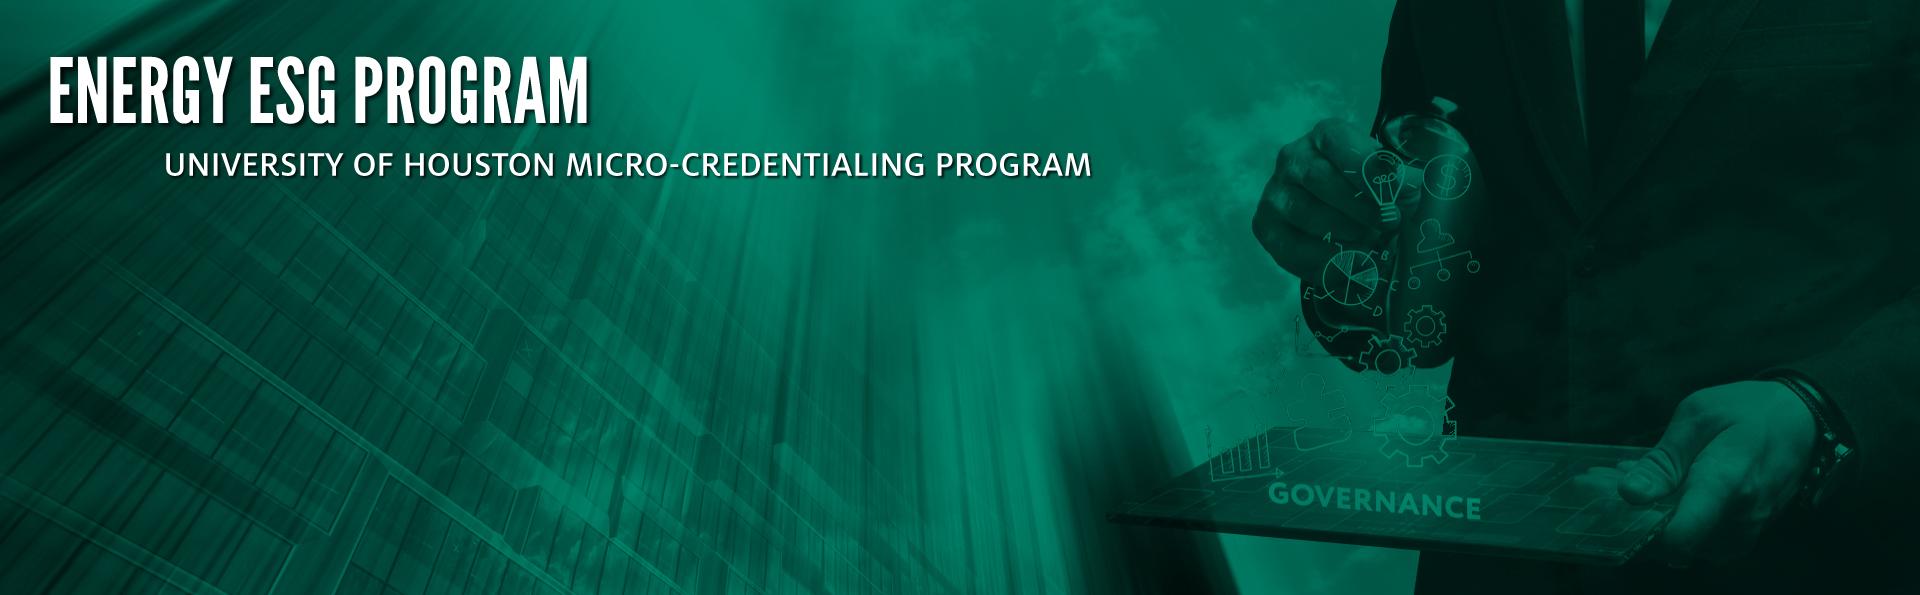 ESG In Energy Program Banner